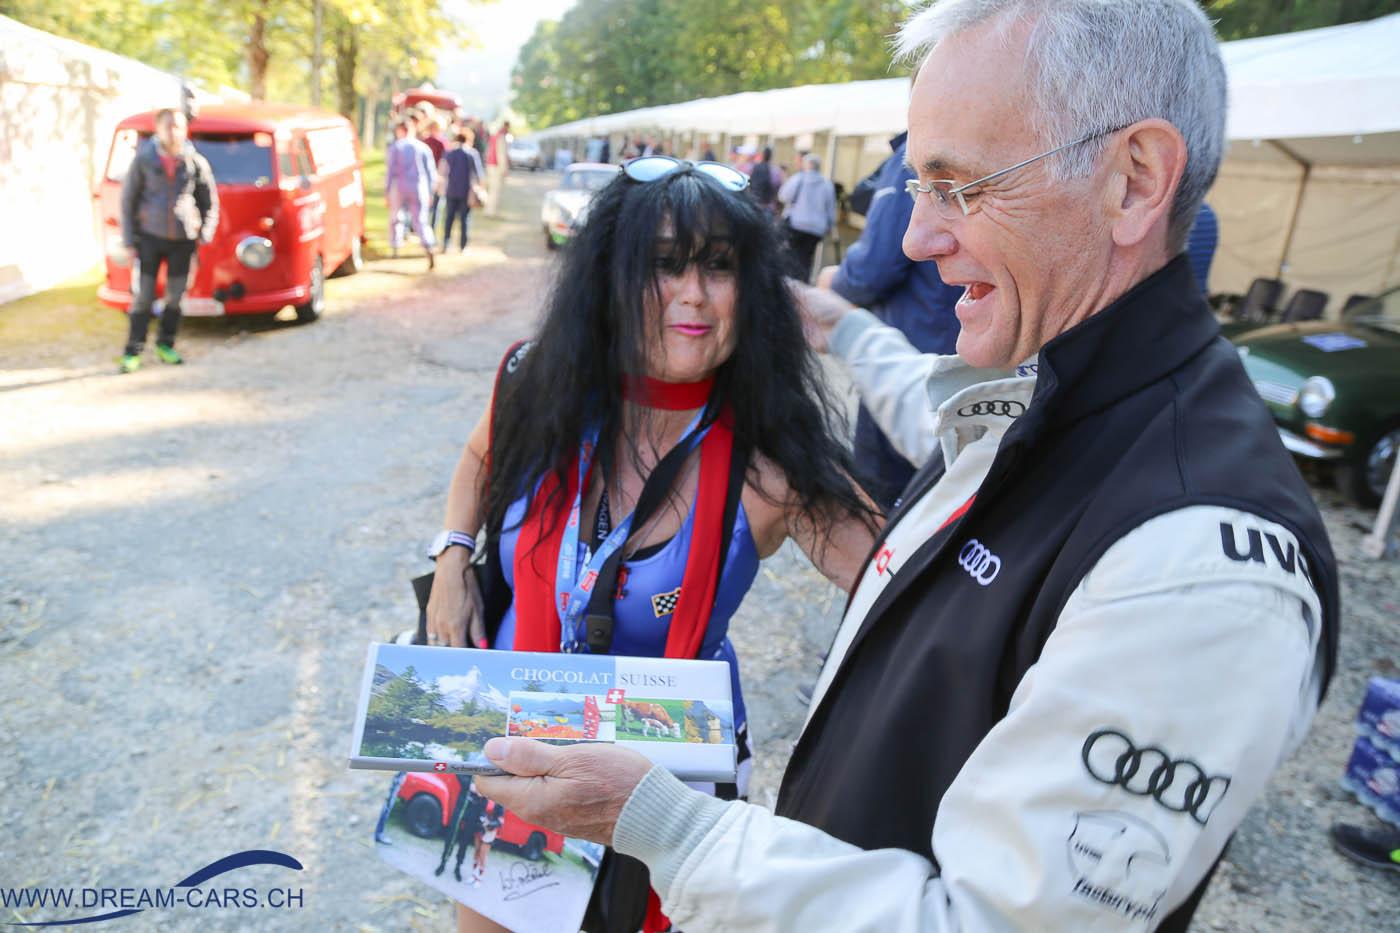 Rossfeldrennen 2016 Berchtesgaden. Harald Demuth freut sich über die von Ela Lehmann überreichte Schokolade